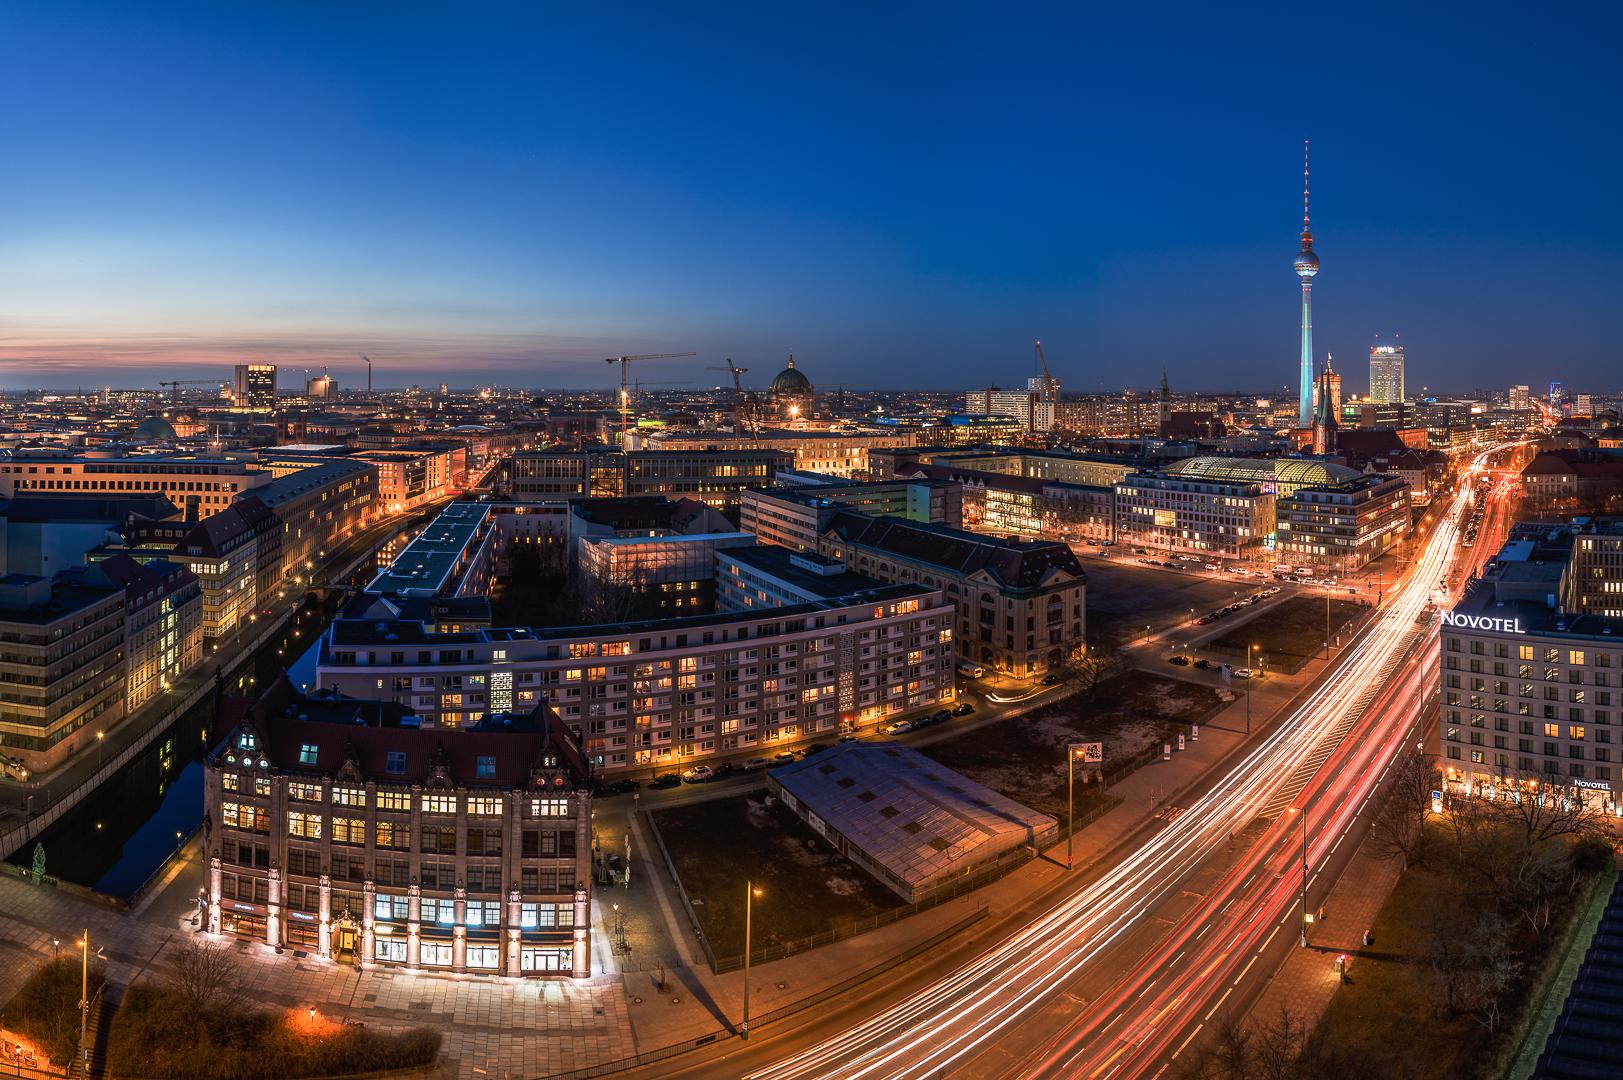 Skyline Berlin zur blauen Stunde als Panorama mit Blick auf den Alexanderplatz und den Fernsehturm,.